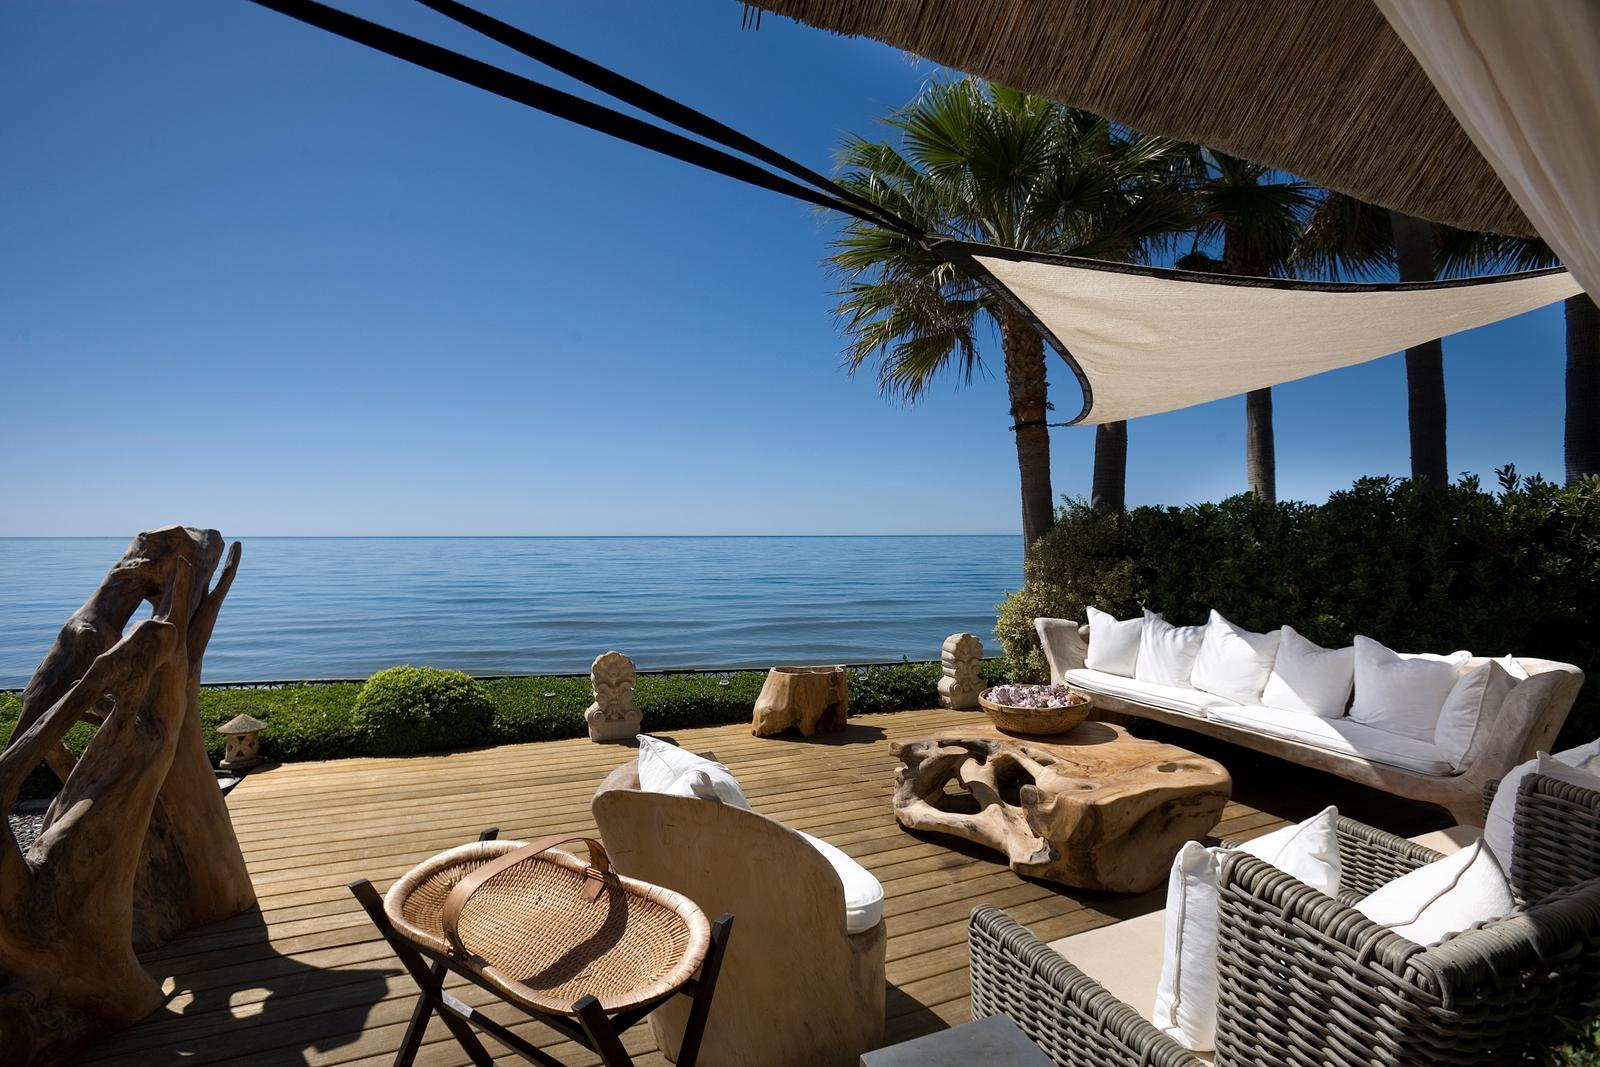 Los Monteros, one of the top spots in Marbella